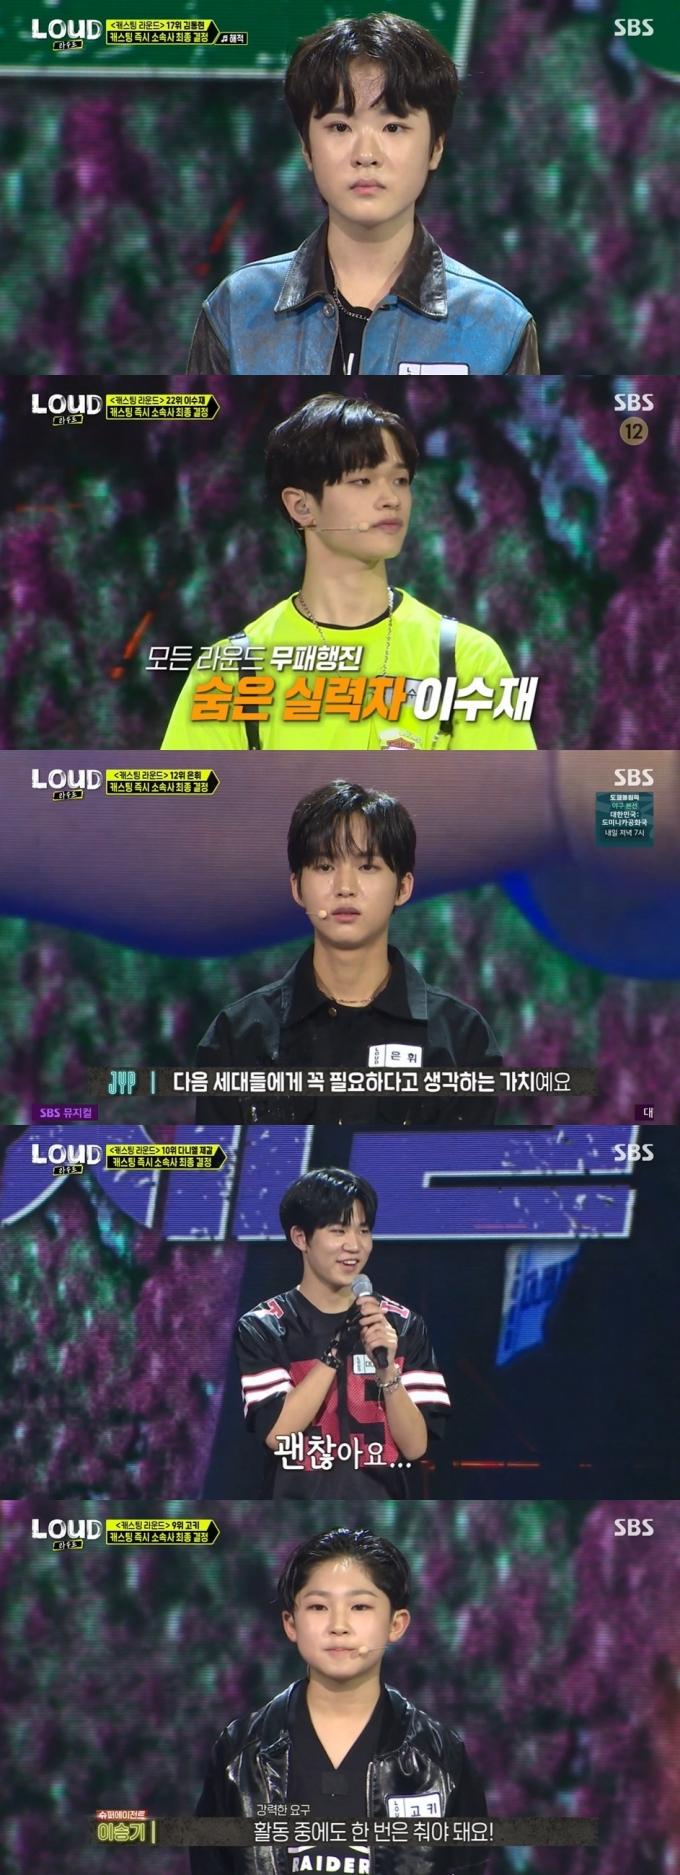 SBS '라우드' © 뉴스1